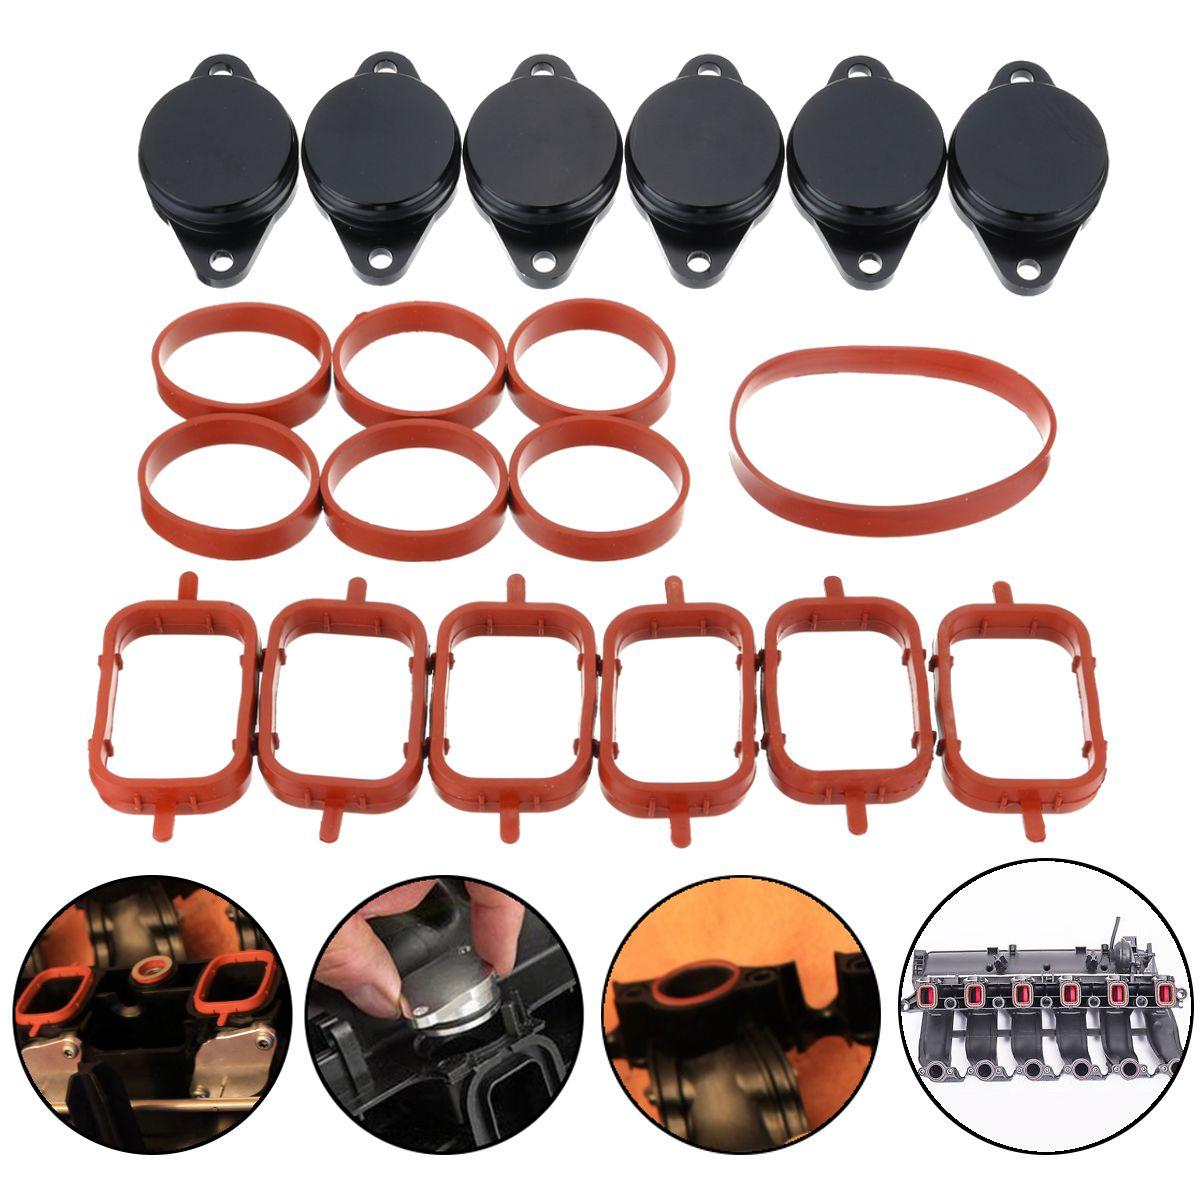 19 шт 32 мм O-Ringen автомобильный закручивающийся клапан пустые прокладки + коллектор прокладки для BMW E39 E46 E53 E60 E90-E93 1999-2010 #11617790198